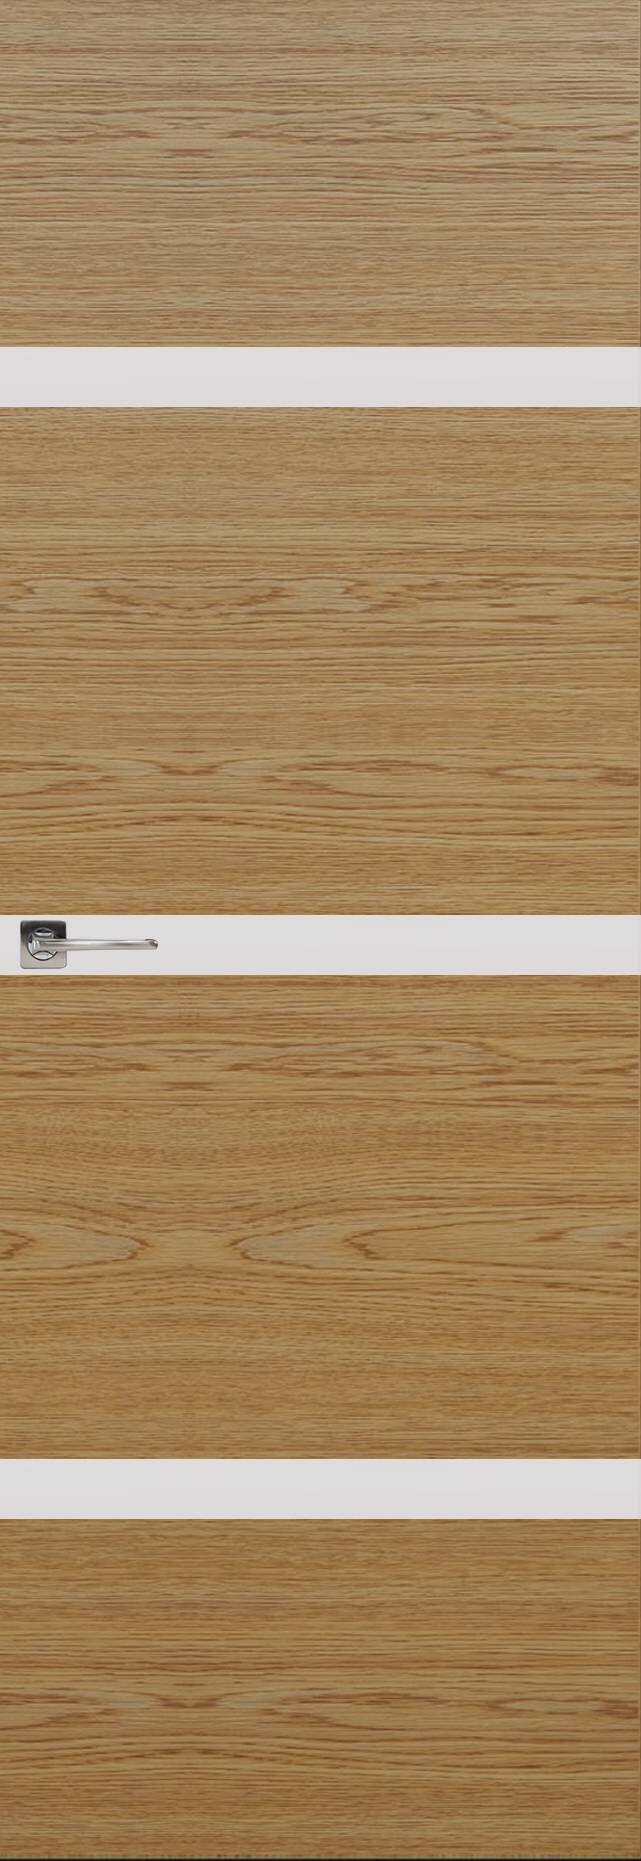 Tivoli Г-4 Invisible цвет - Дуб карамель Без стекла (ДГ)